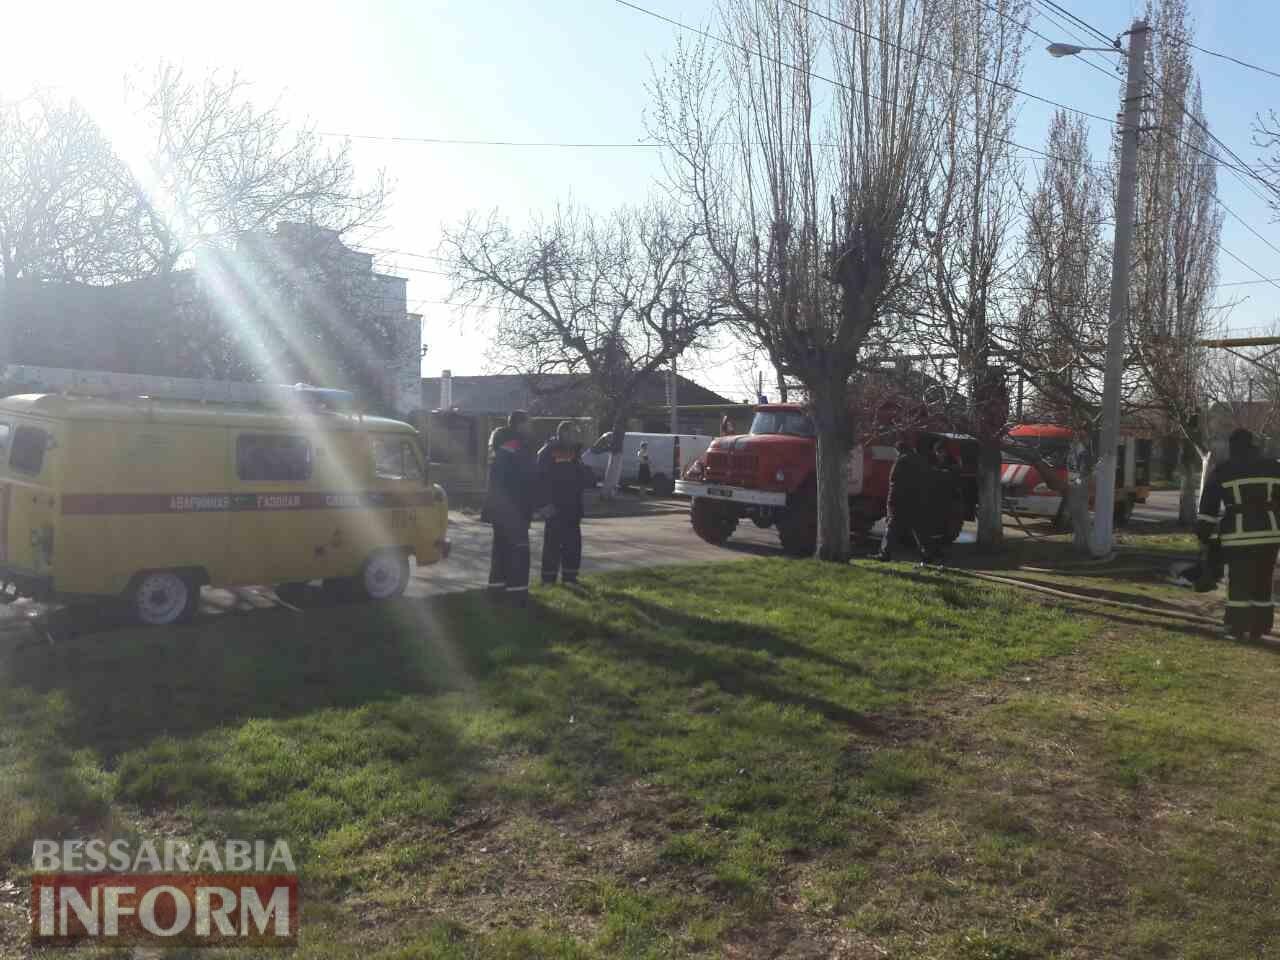 58d8c0778d9a7_346346 Утром в Измаиле произошел пожар в жилом доме